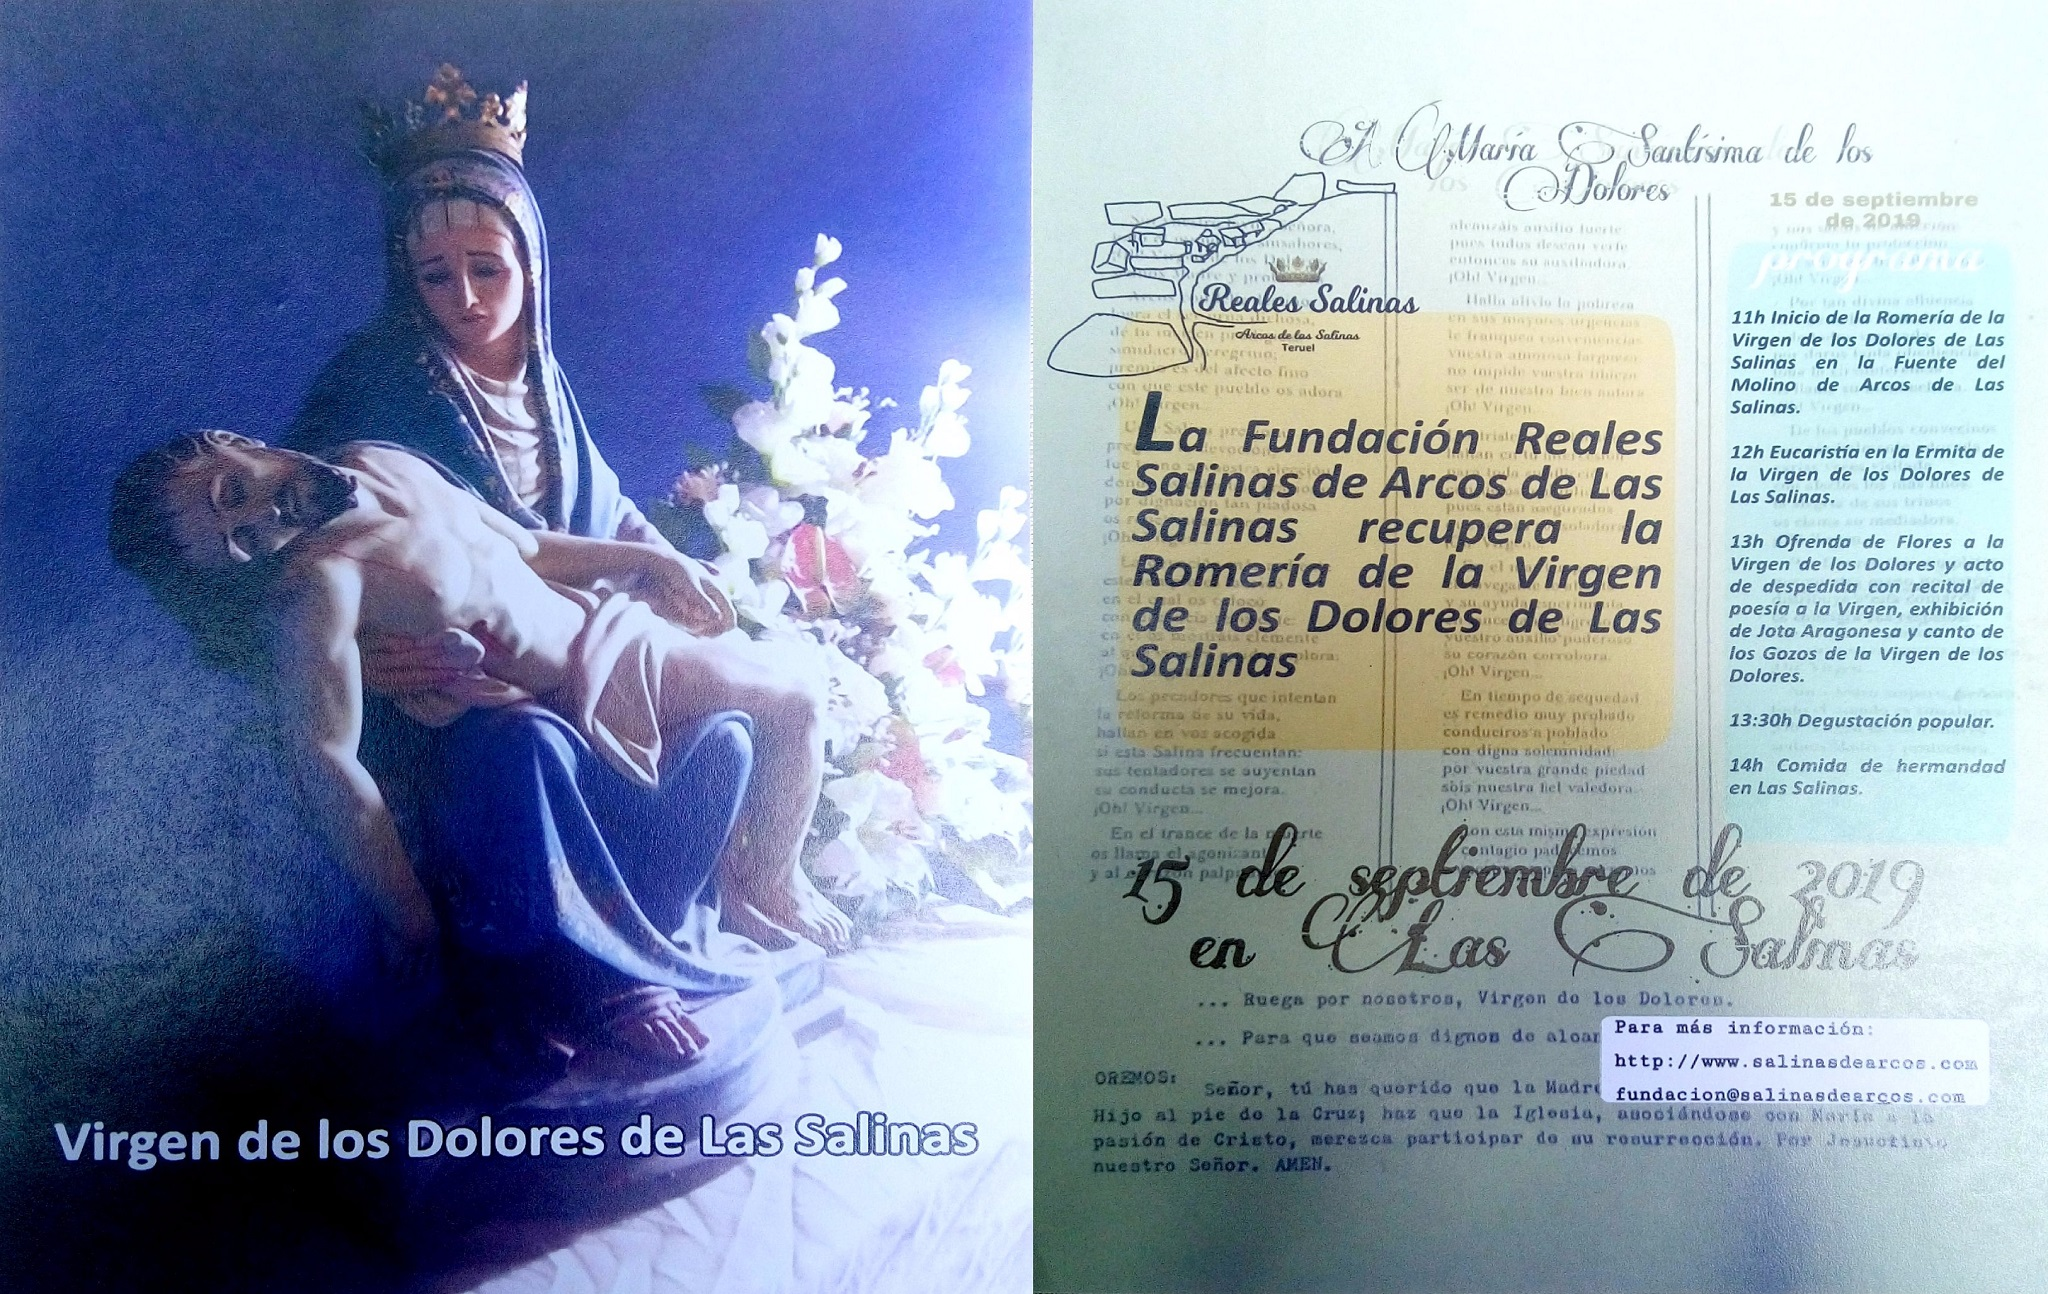 15 de Septiembre 2019 Romeria a la Virgen de los Dolores Arcos de las Salinas